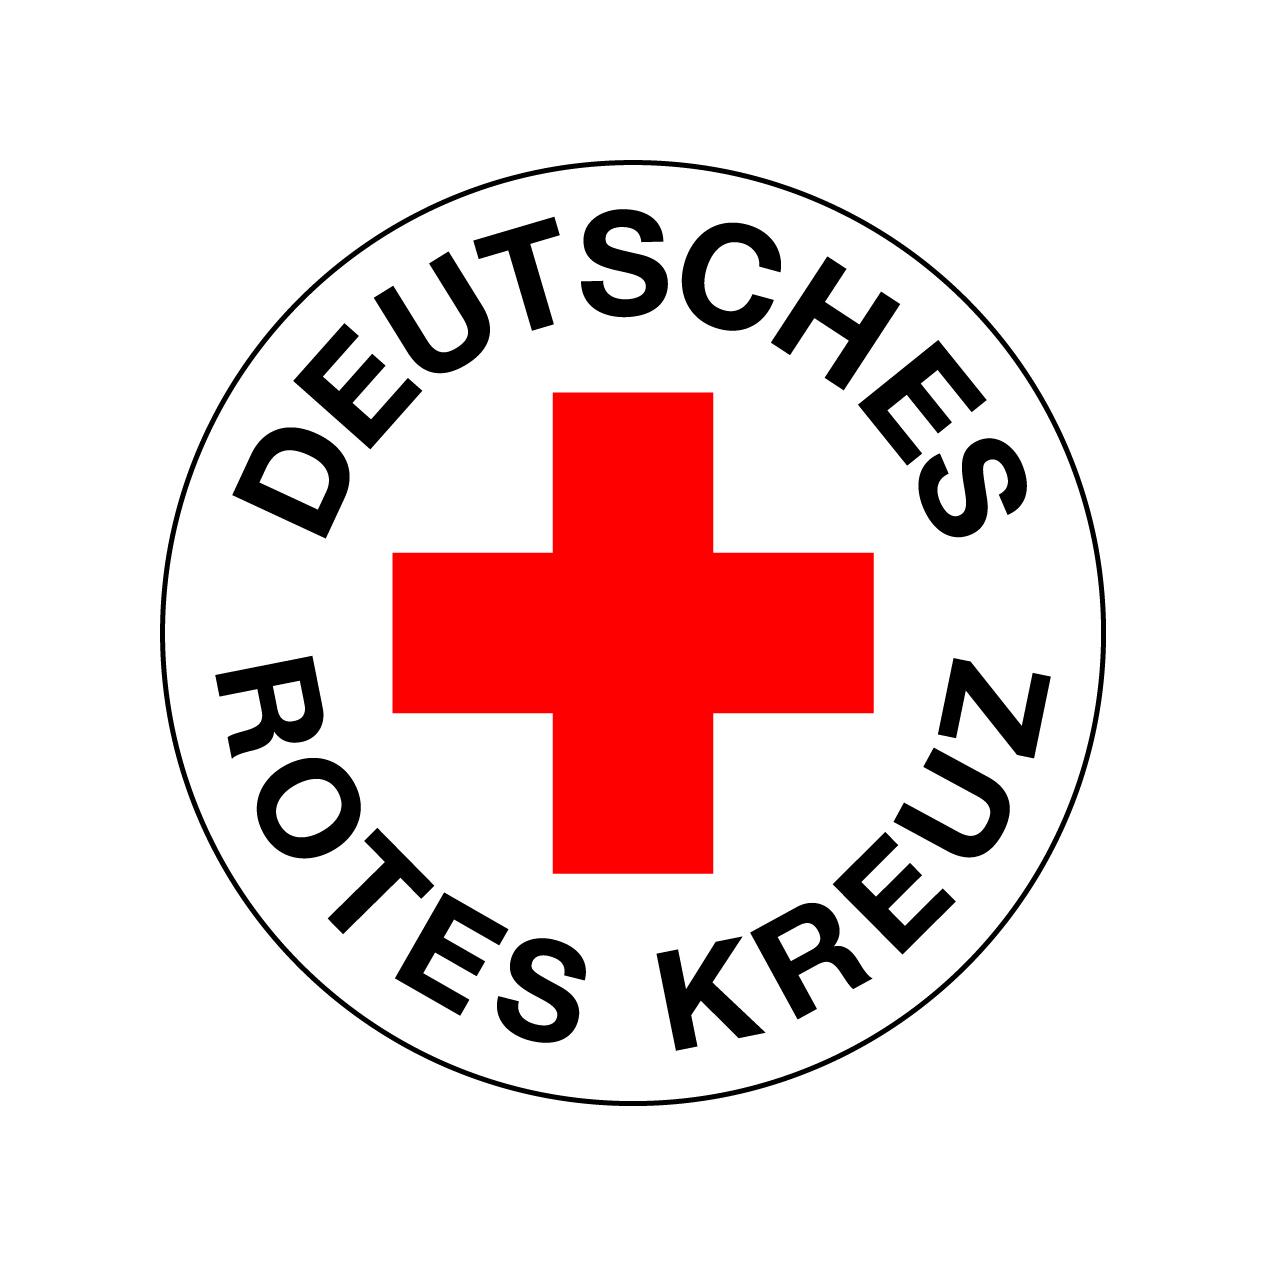 http://www.drk-heidelberg.de/mediathek_extern/drklogos/DRK-Logo_rund_4c_JPG.jpg